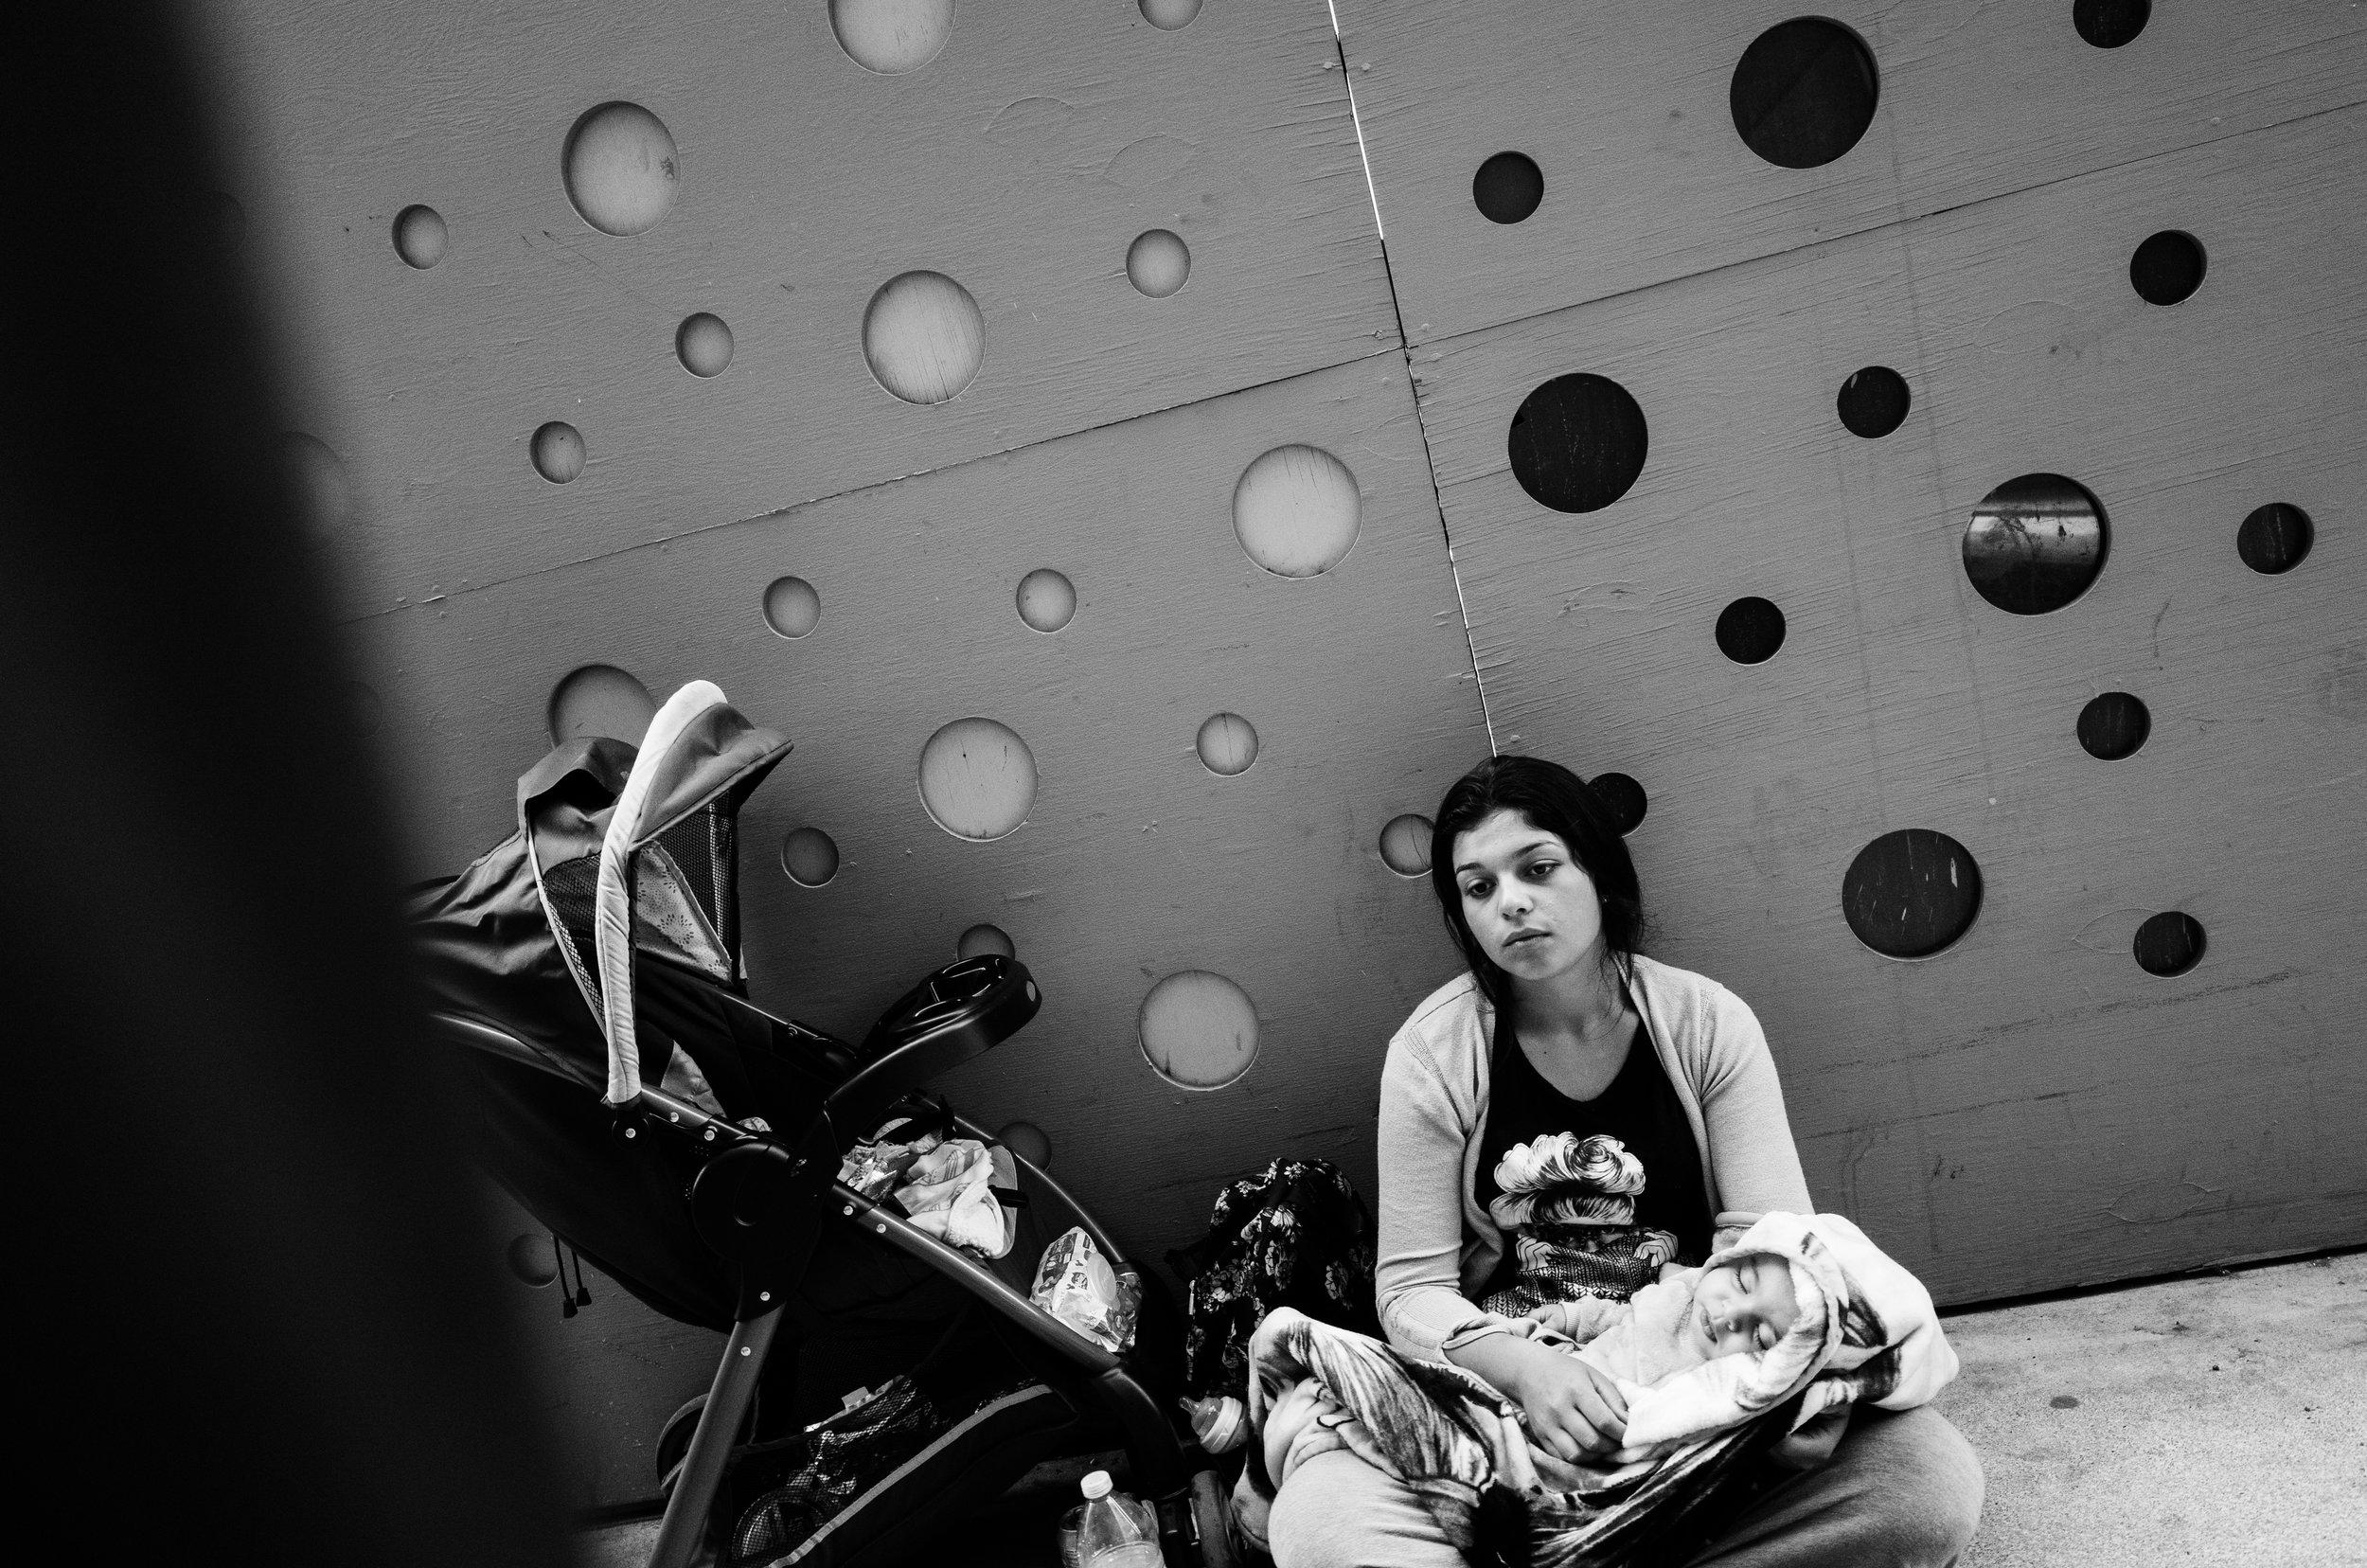 路上遇到的Homeless People,抱者小孩應該是幸福的但她的神情卻很憂傷